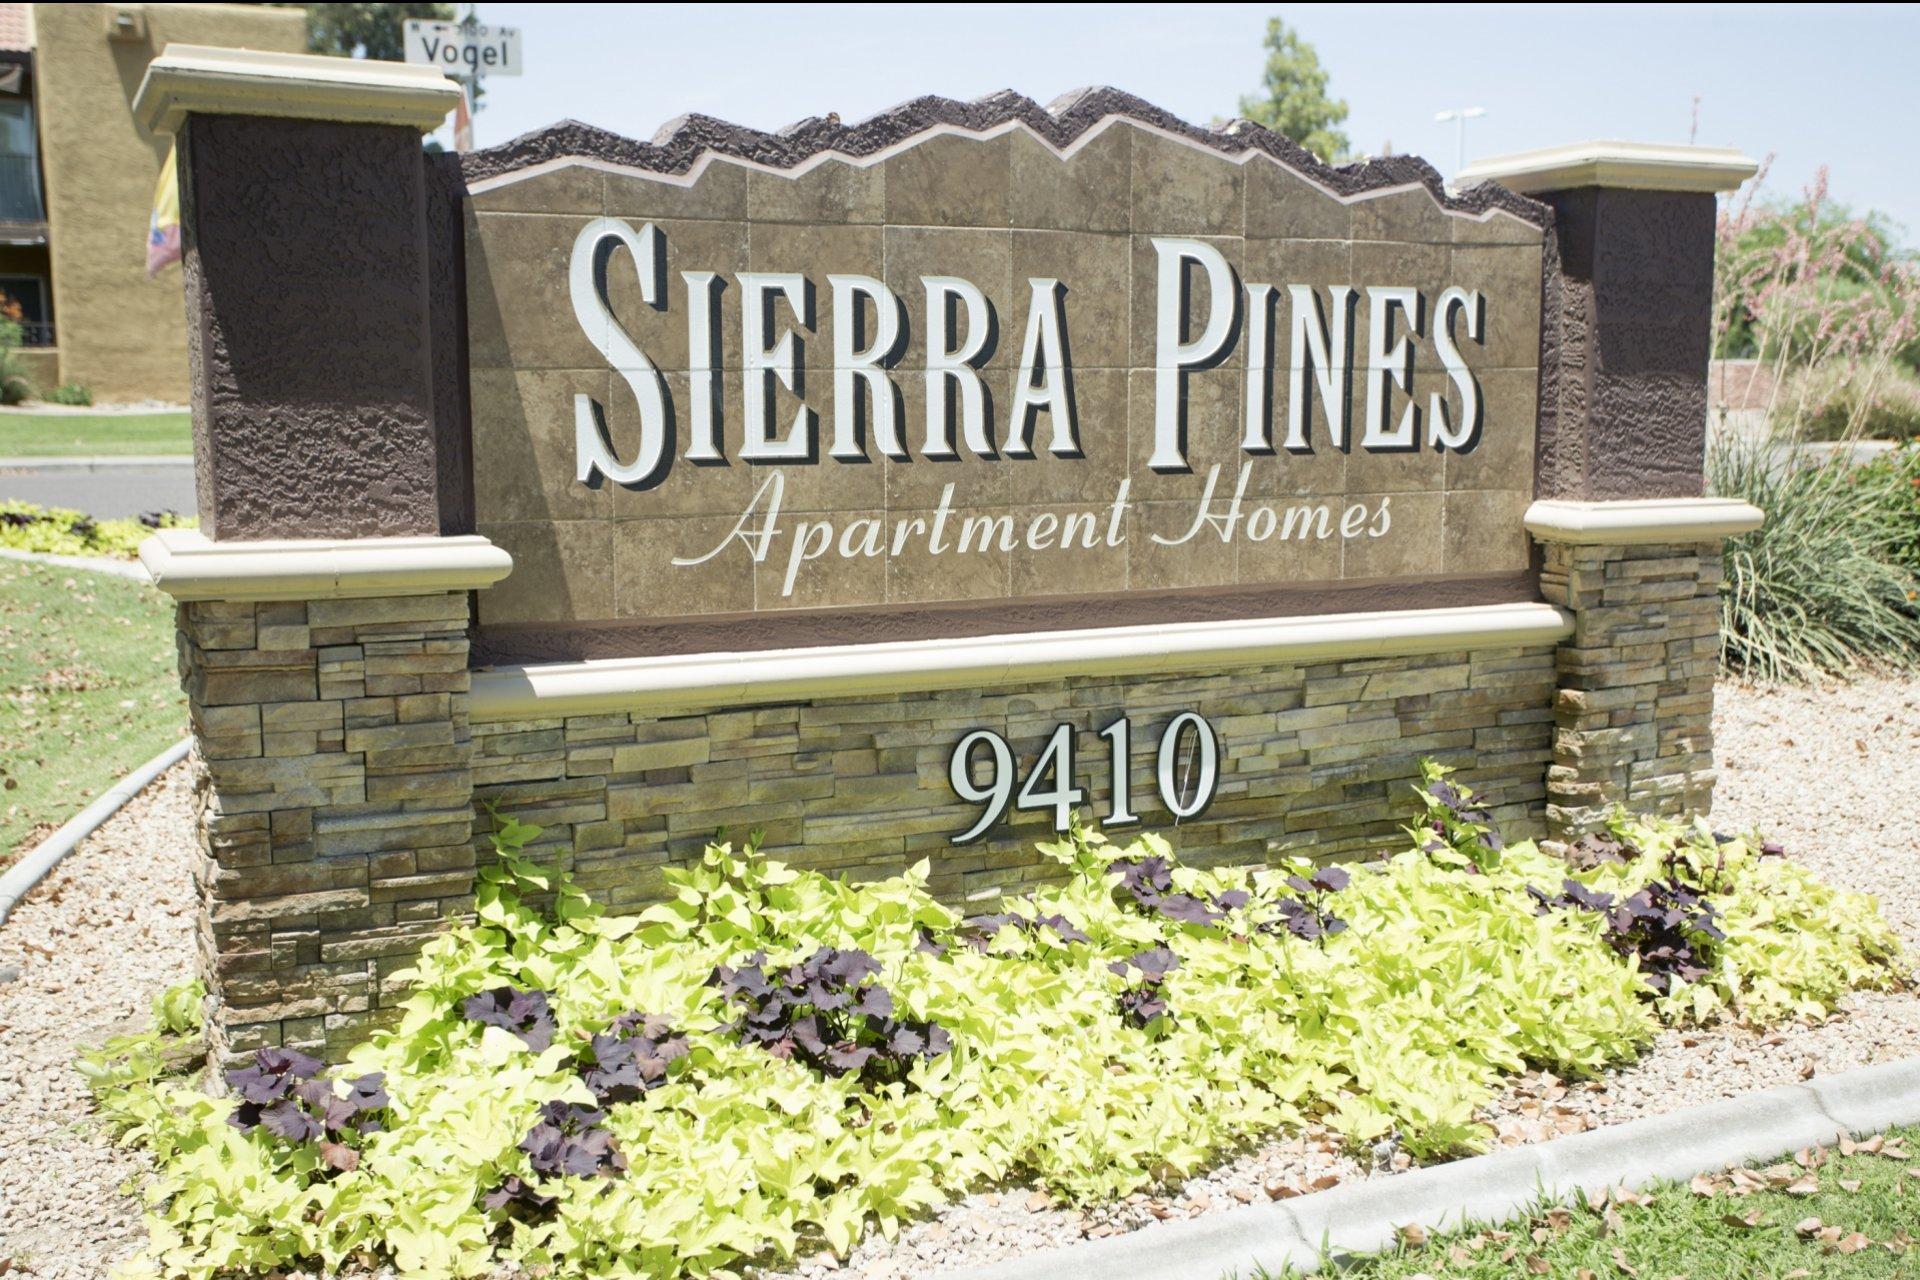 Sierra Pines